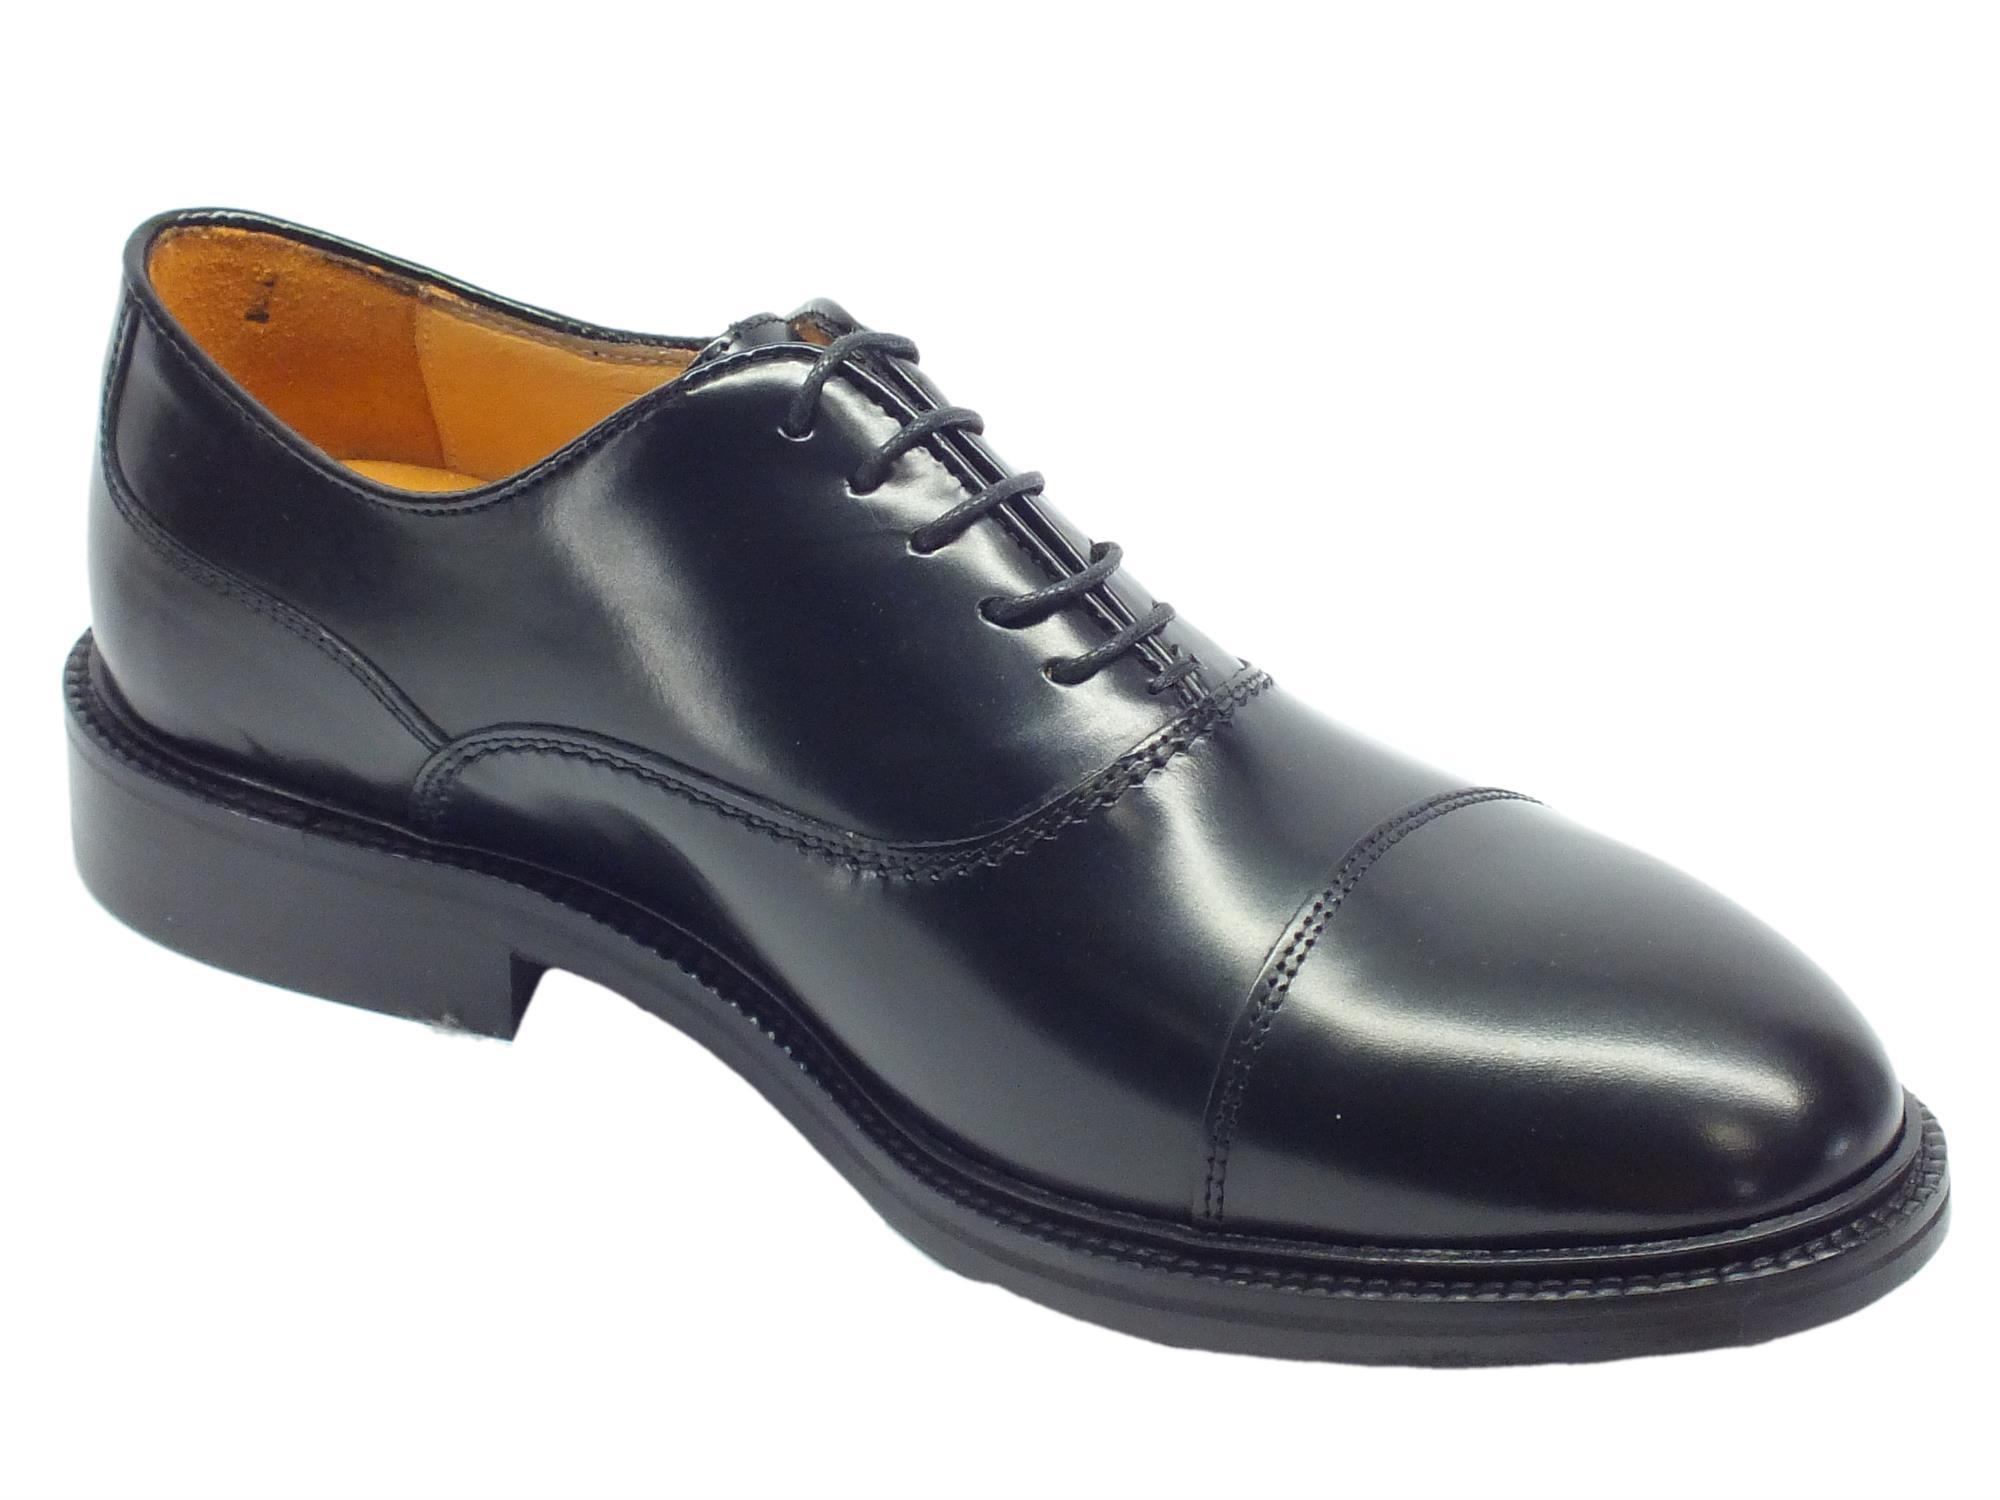 ca7e951f945 Scarpe Eleganti Mercanti Fiorentini pelle abrasivata nera - Vitiello ...